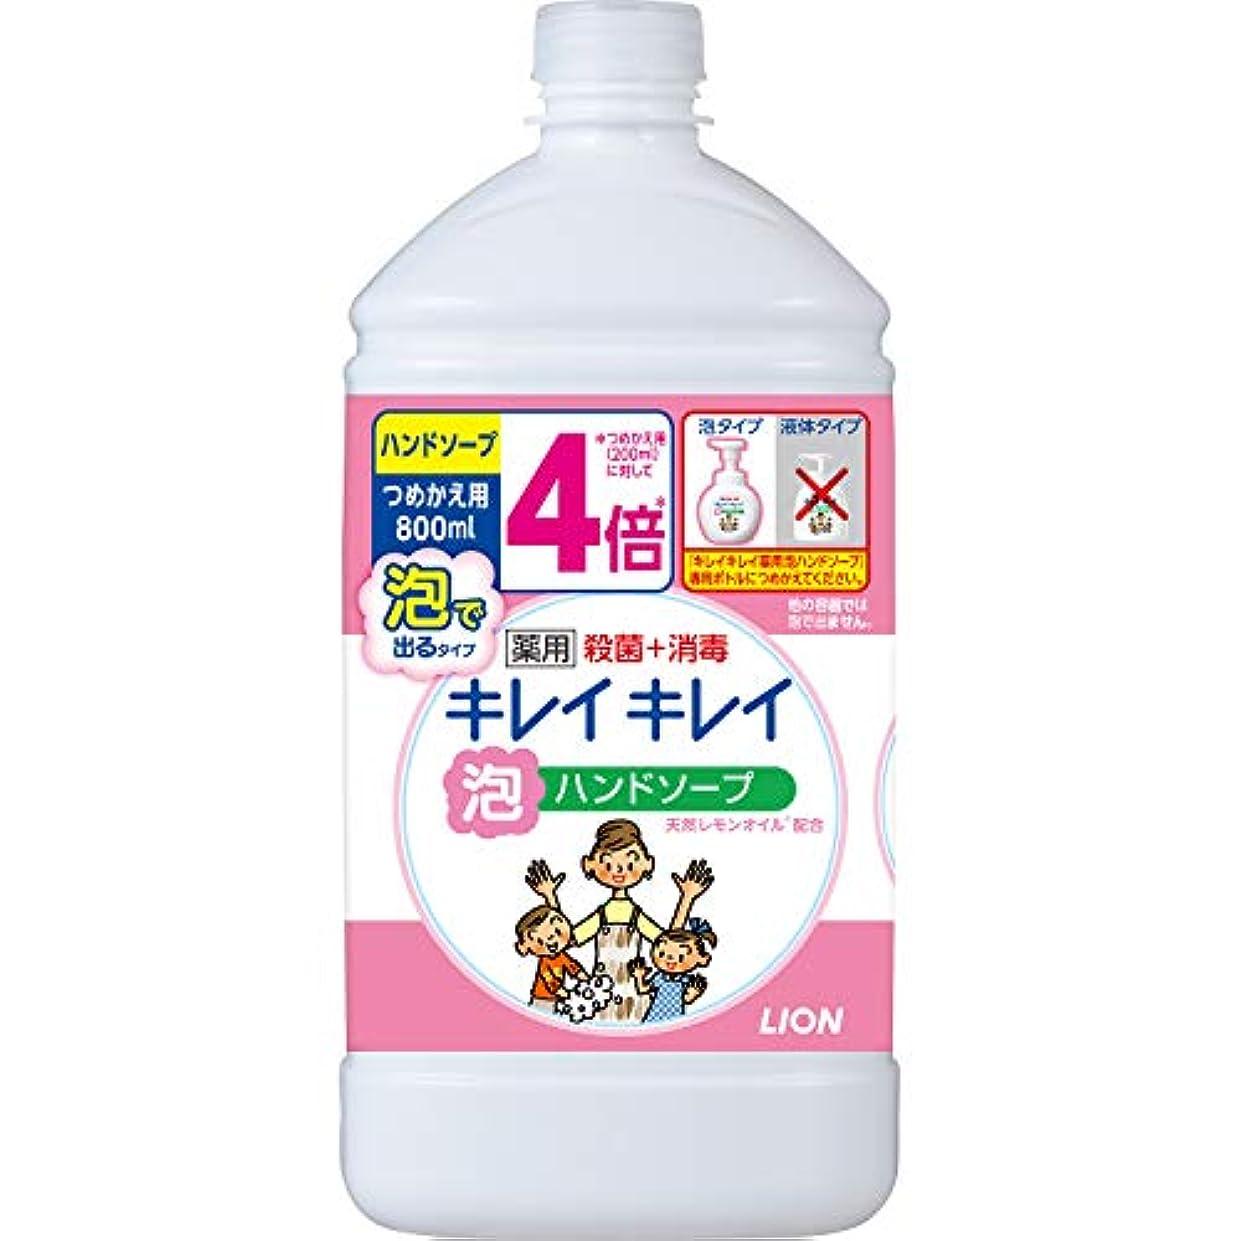 社交的訴えるシール(医薬部外品)【大容量】キレイキレイ 薬用 泡ハンドソープ シトラスフルーティの香り 詰替特大 800ml